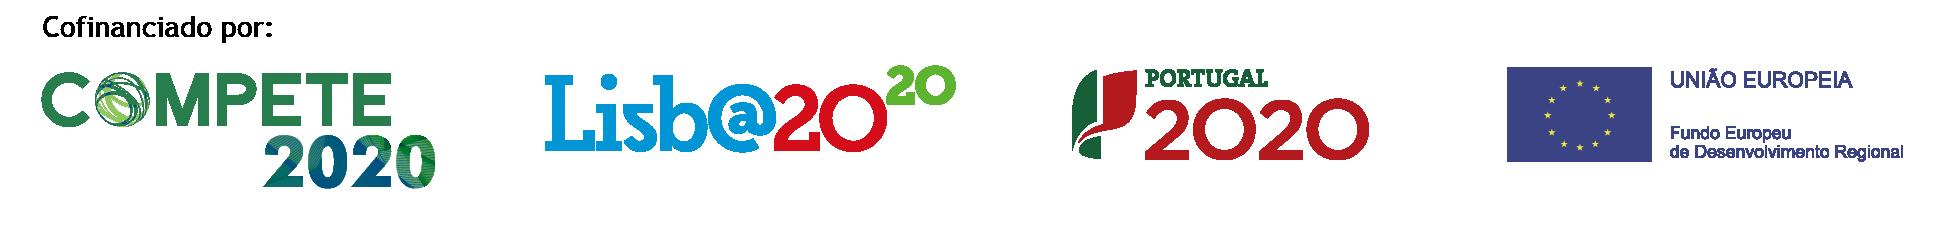 Compete2020 Lisboa2020